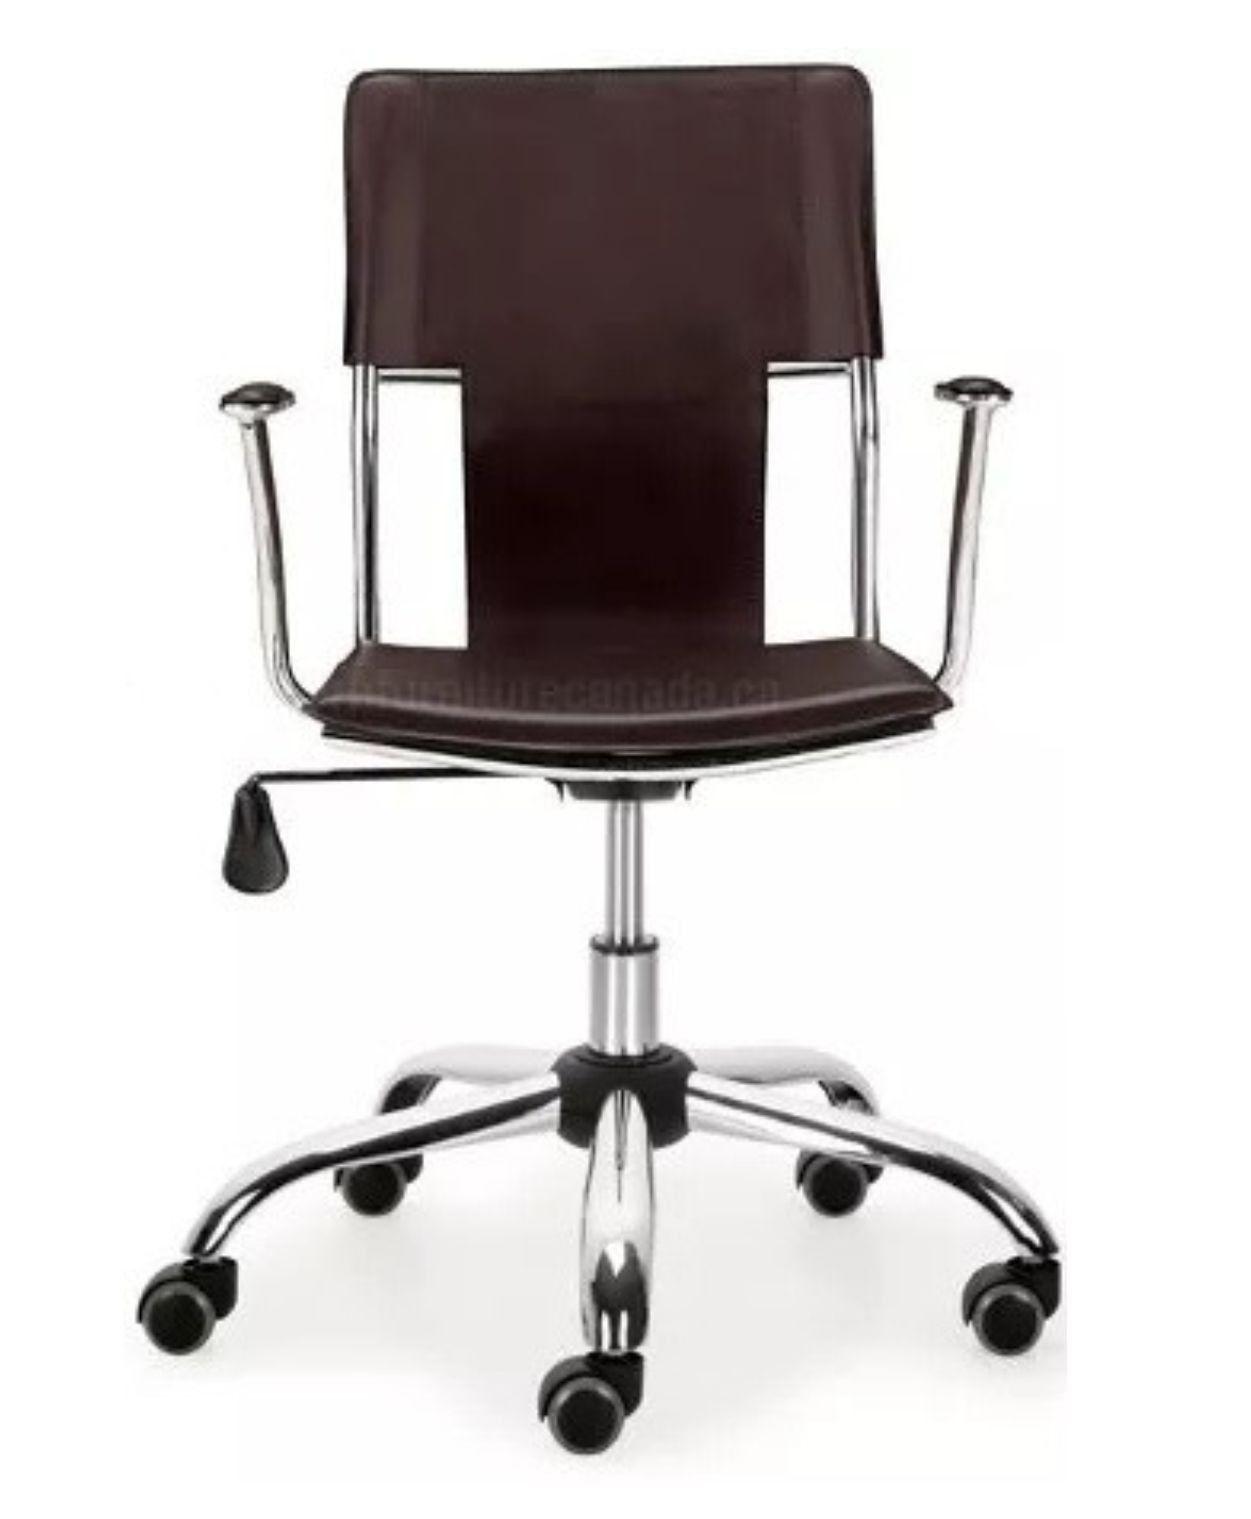 Cadeira Diretor Executiva Giratória Marrom em Couro Sintético Ideal - Orb